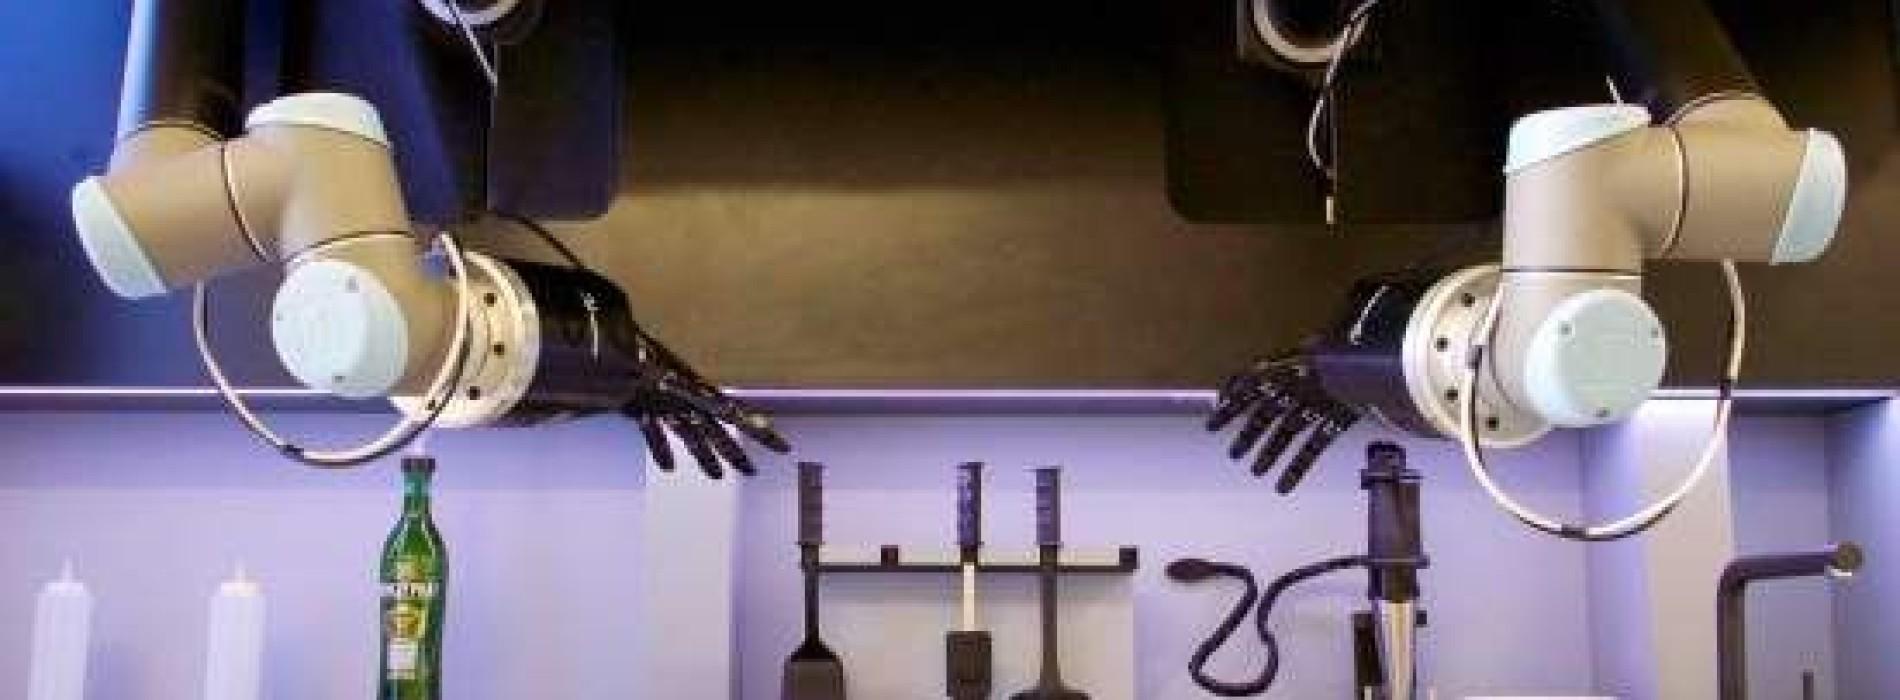 Robot chef che cucina come un umano